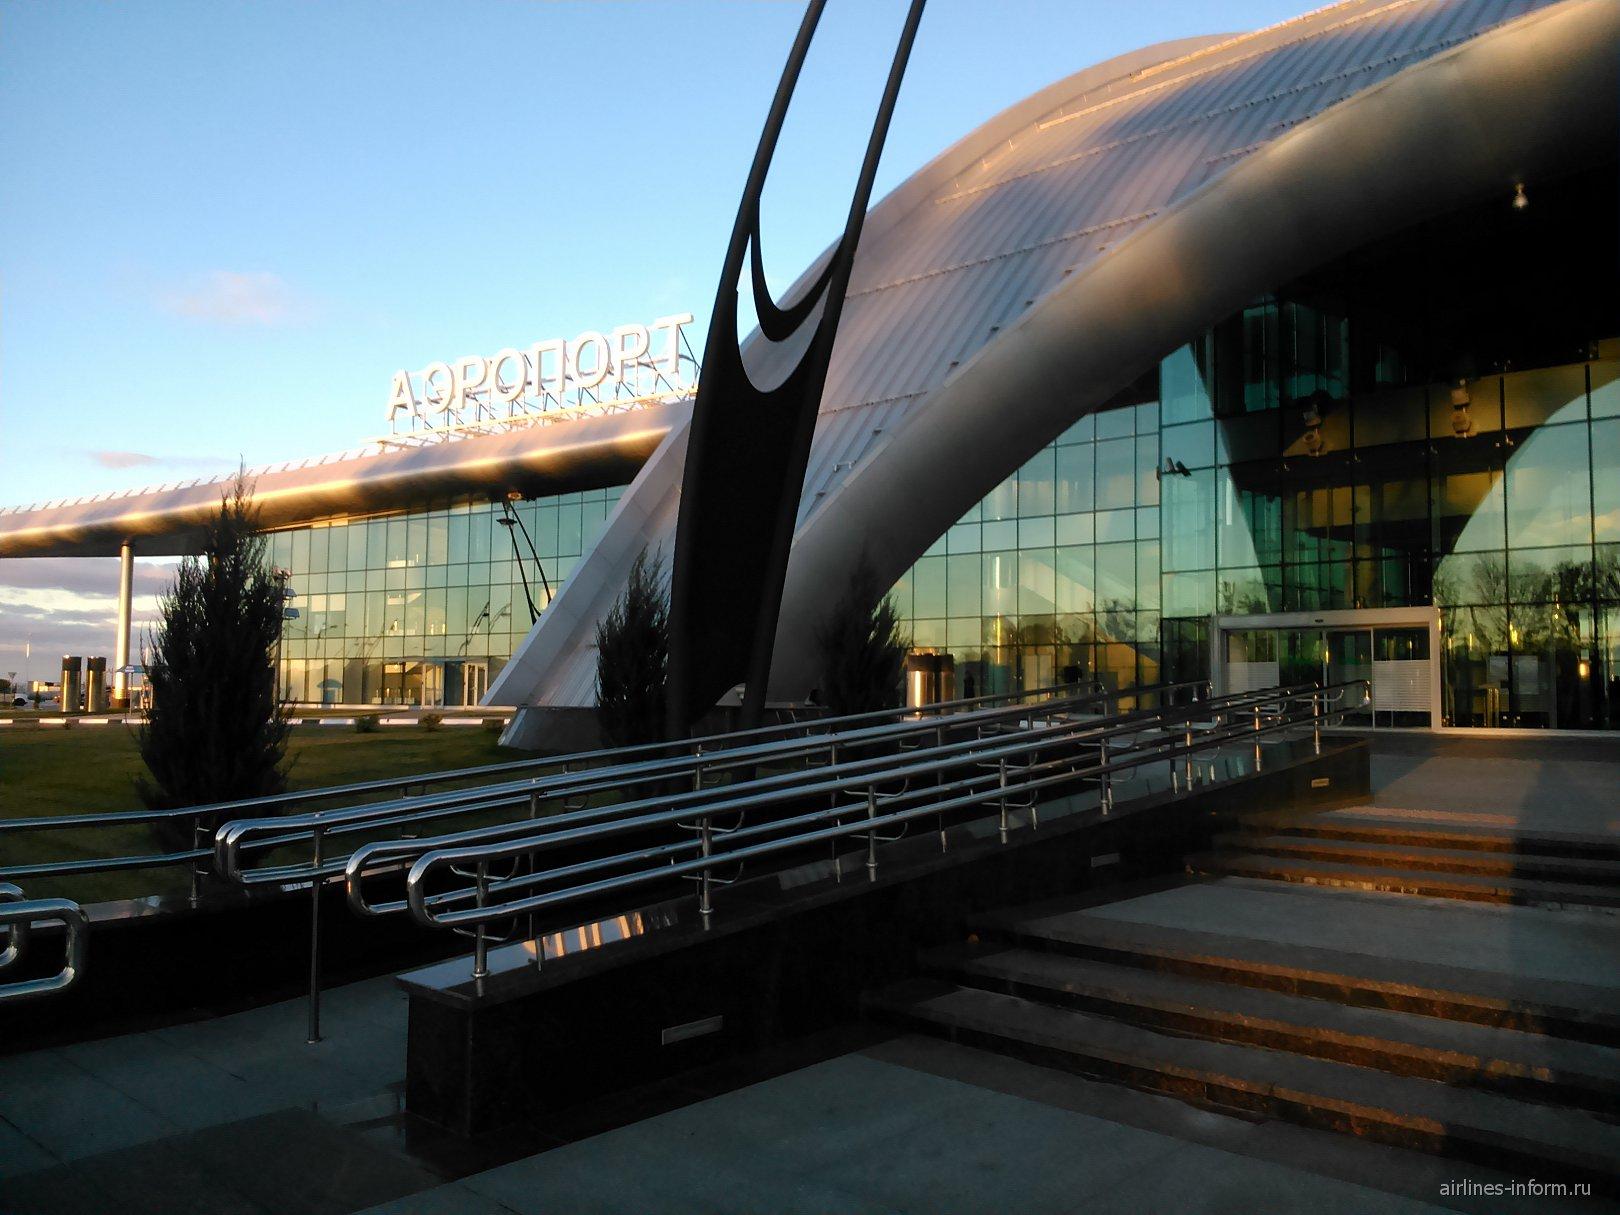 Вход в аэровокзал аэропорта Белгород